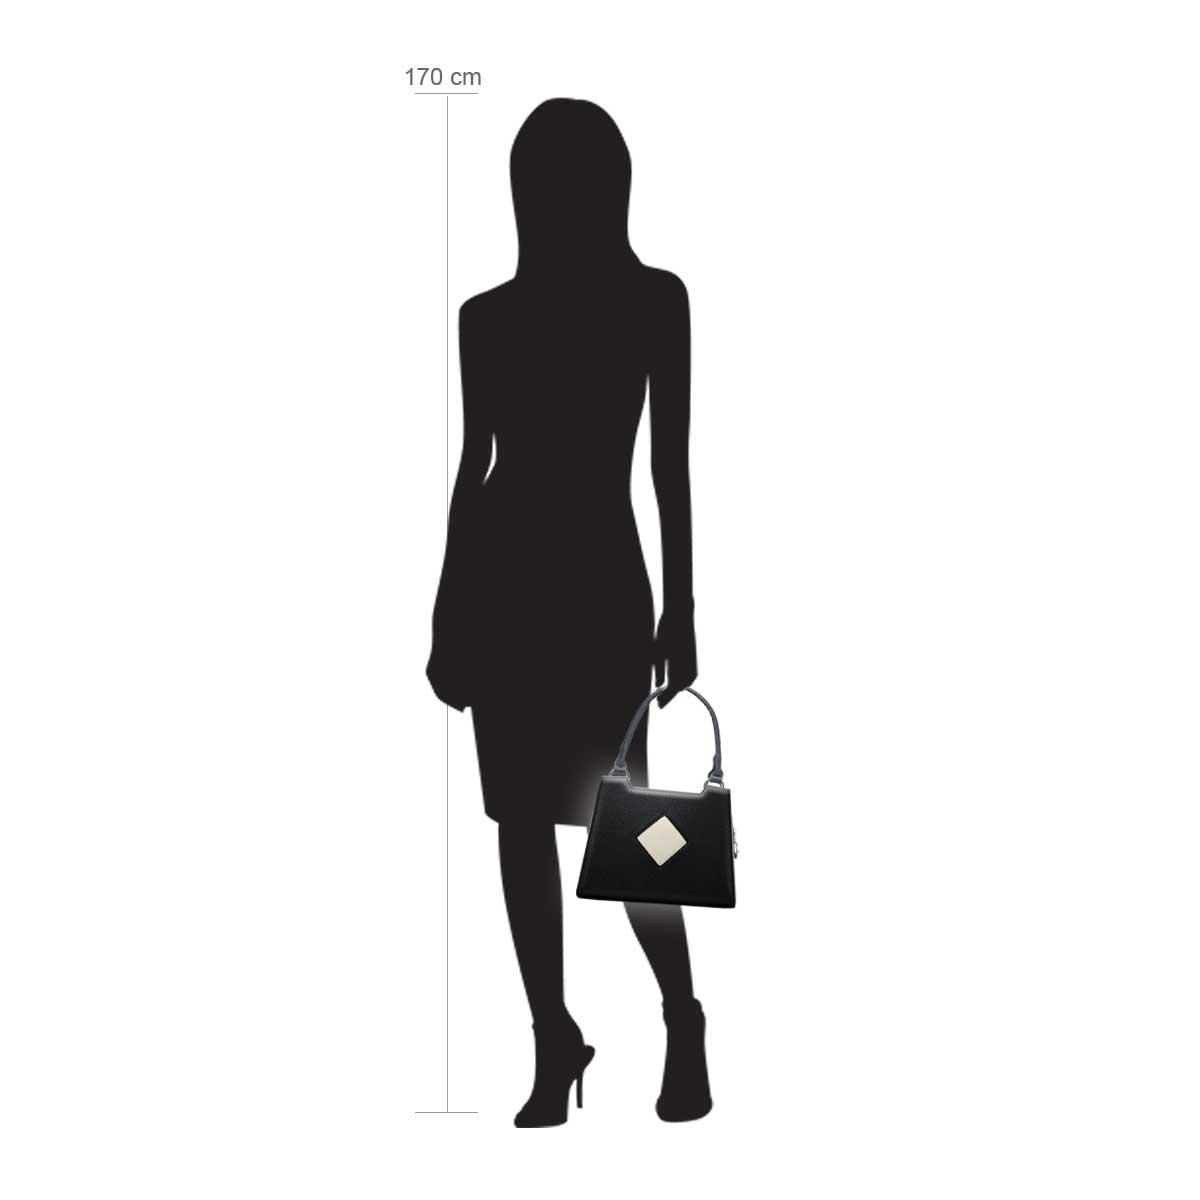 Modellpuppe 170 cm groß zeigt die Handtaschengröße an der Person Modell:Dublin schwarz Creme Weiß